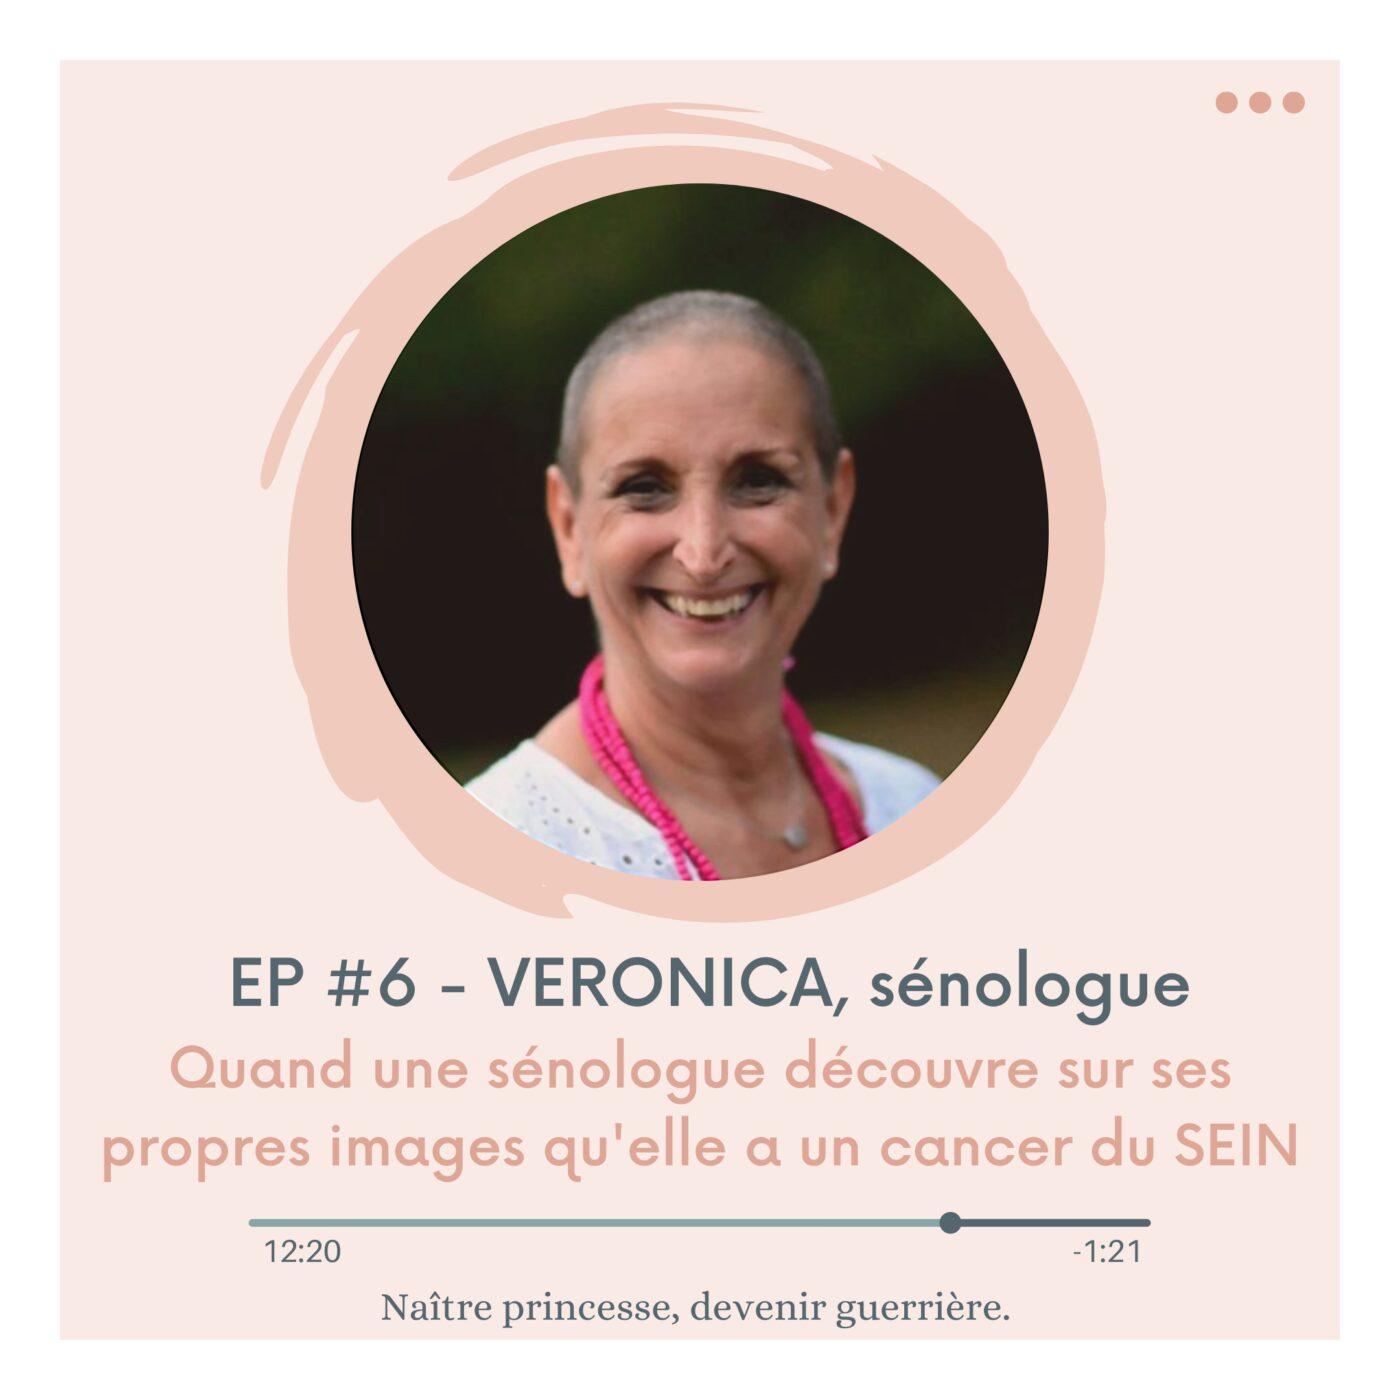 EP#6 - QUAND UNE SÉNOLOGUE DÉCOUVRE SUR SES PROPRES IMAGES QU'ELLE A UN CANCER DU SEIN. VERONICA.